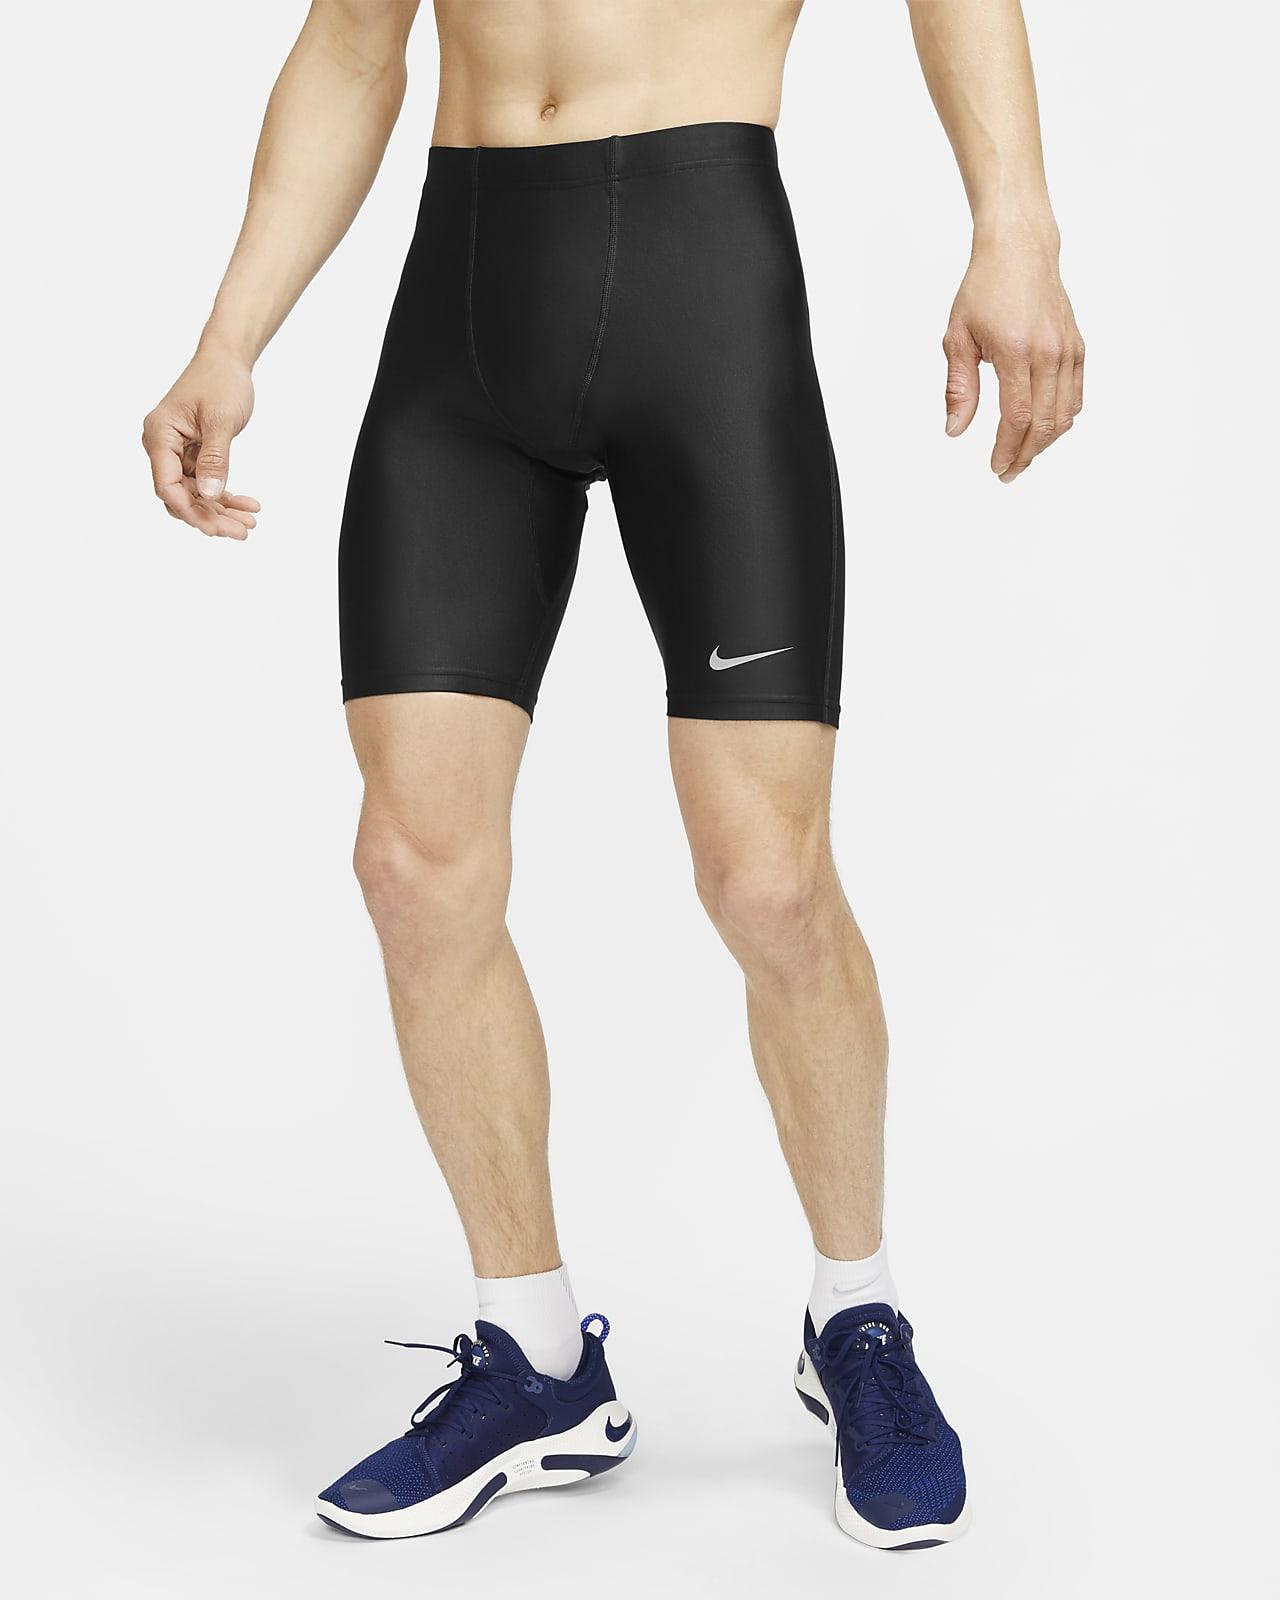 Męskie spodenki do biegania 1/2 Nike Fast